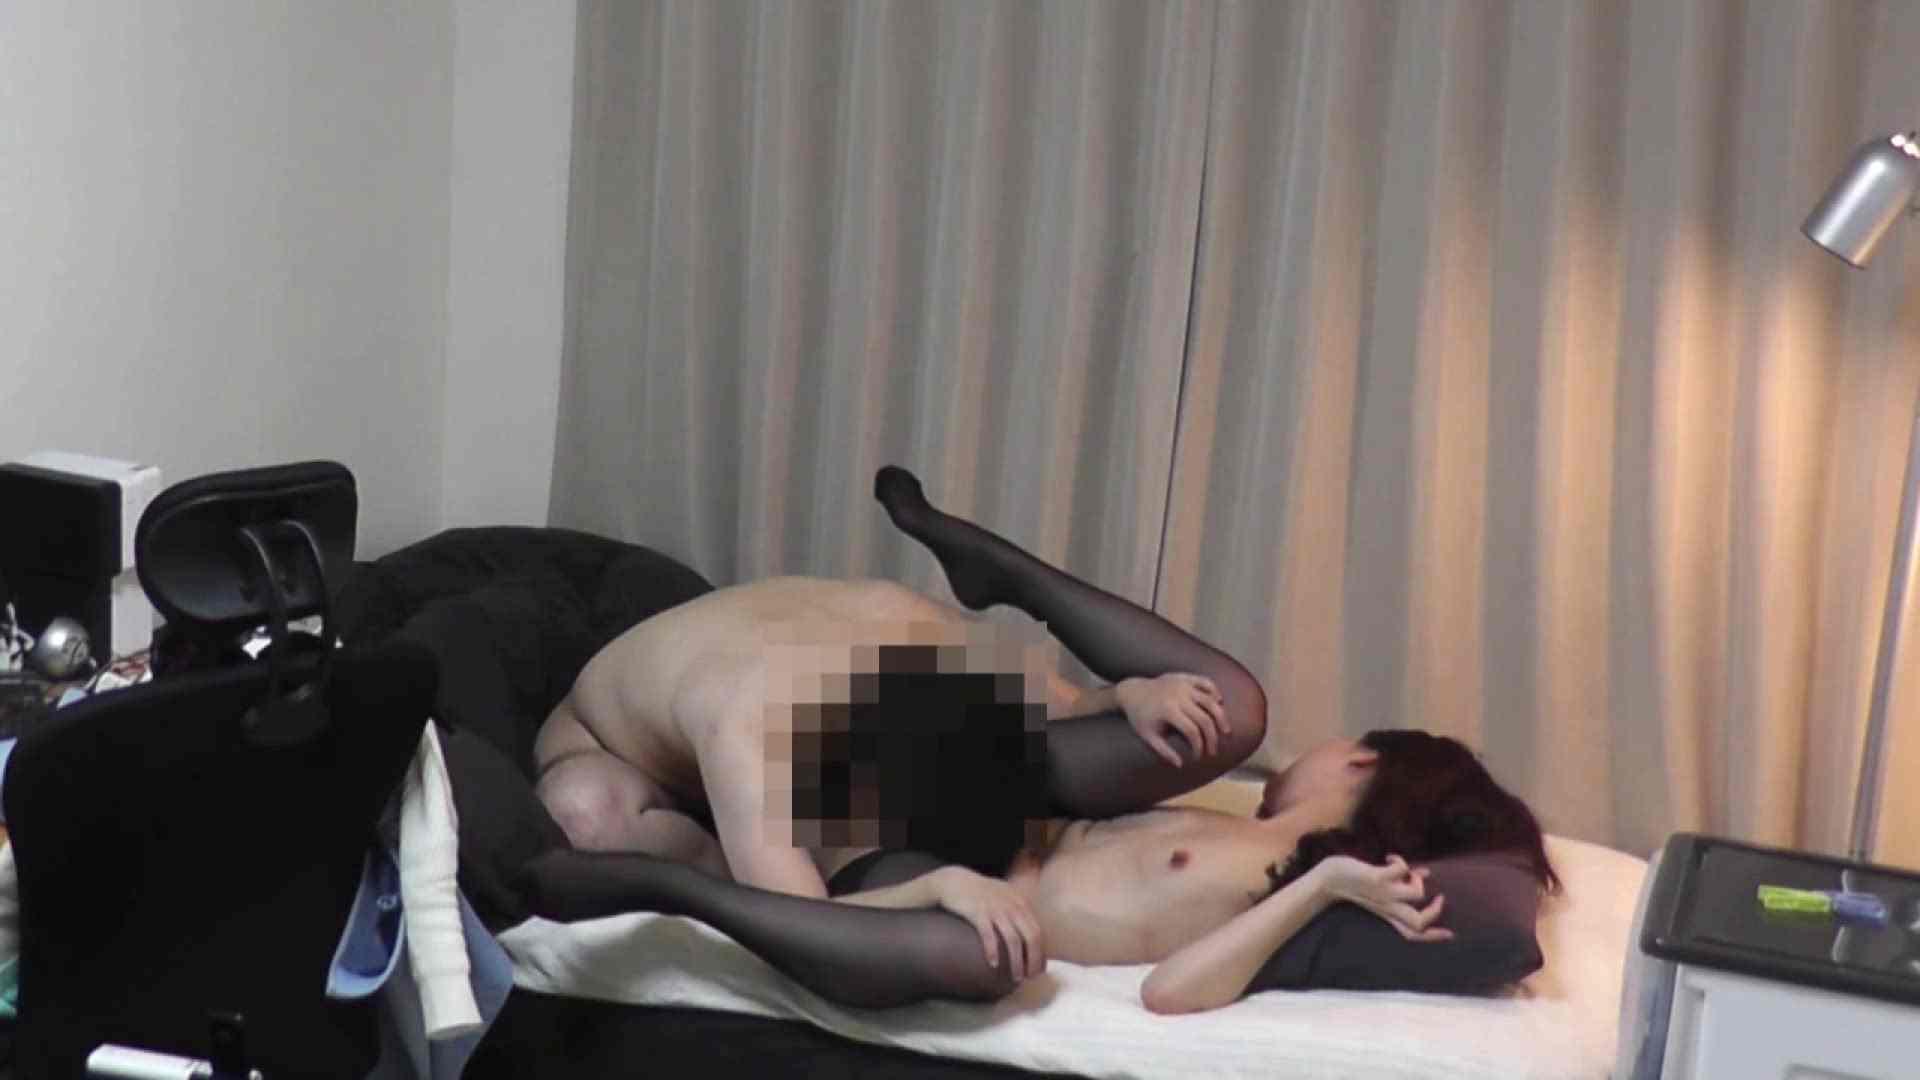 美女だらけのプライベートSEXvol.8 美しいOLの裸体 濡れ場動画紹介 100pic 38